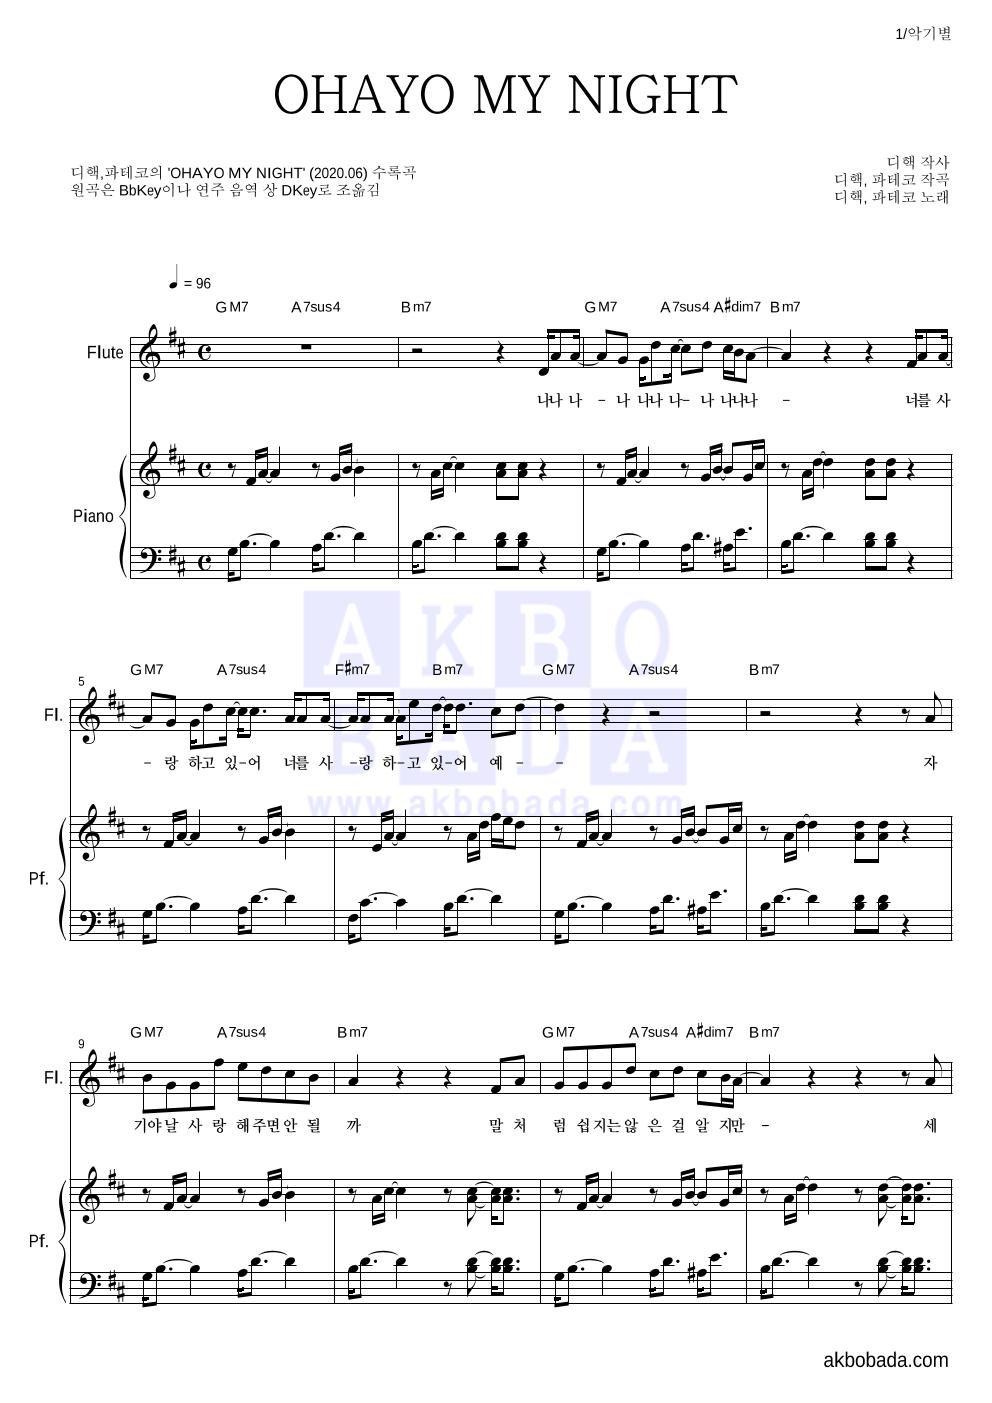 디핵,파테코 - OHAYO MY NIGHT 플룻&피아노 악보